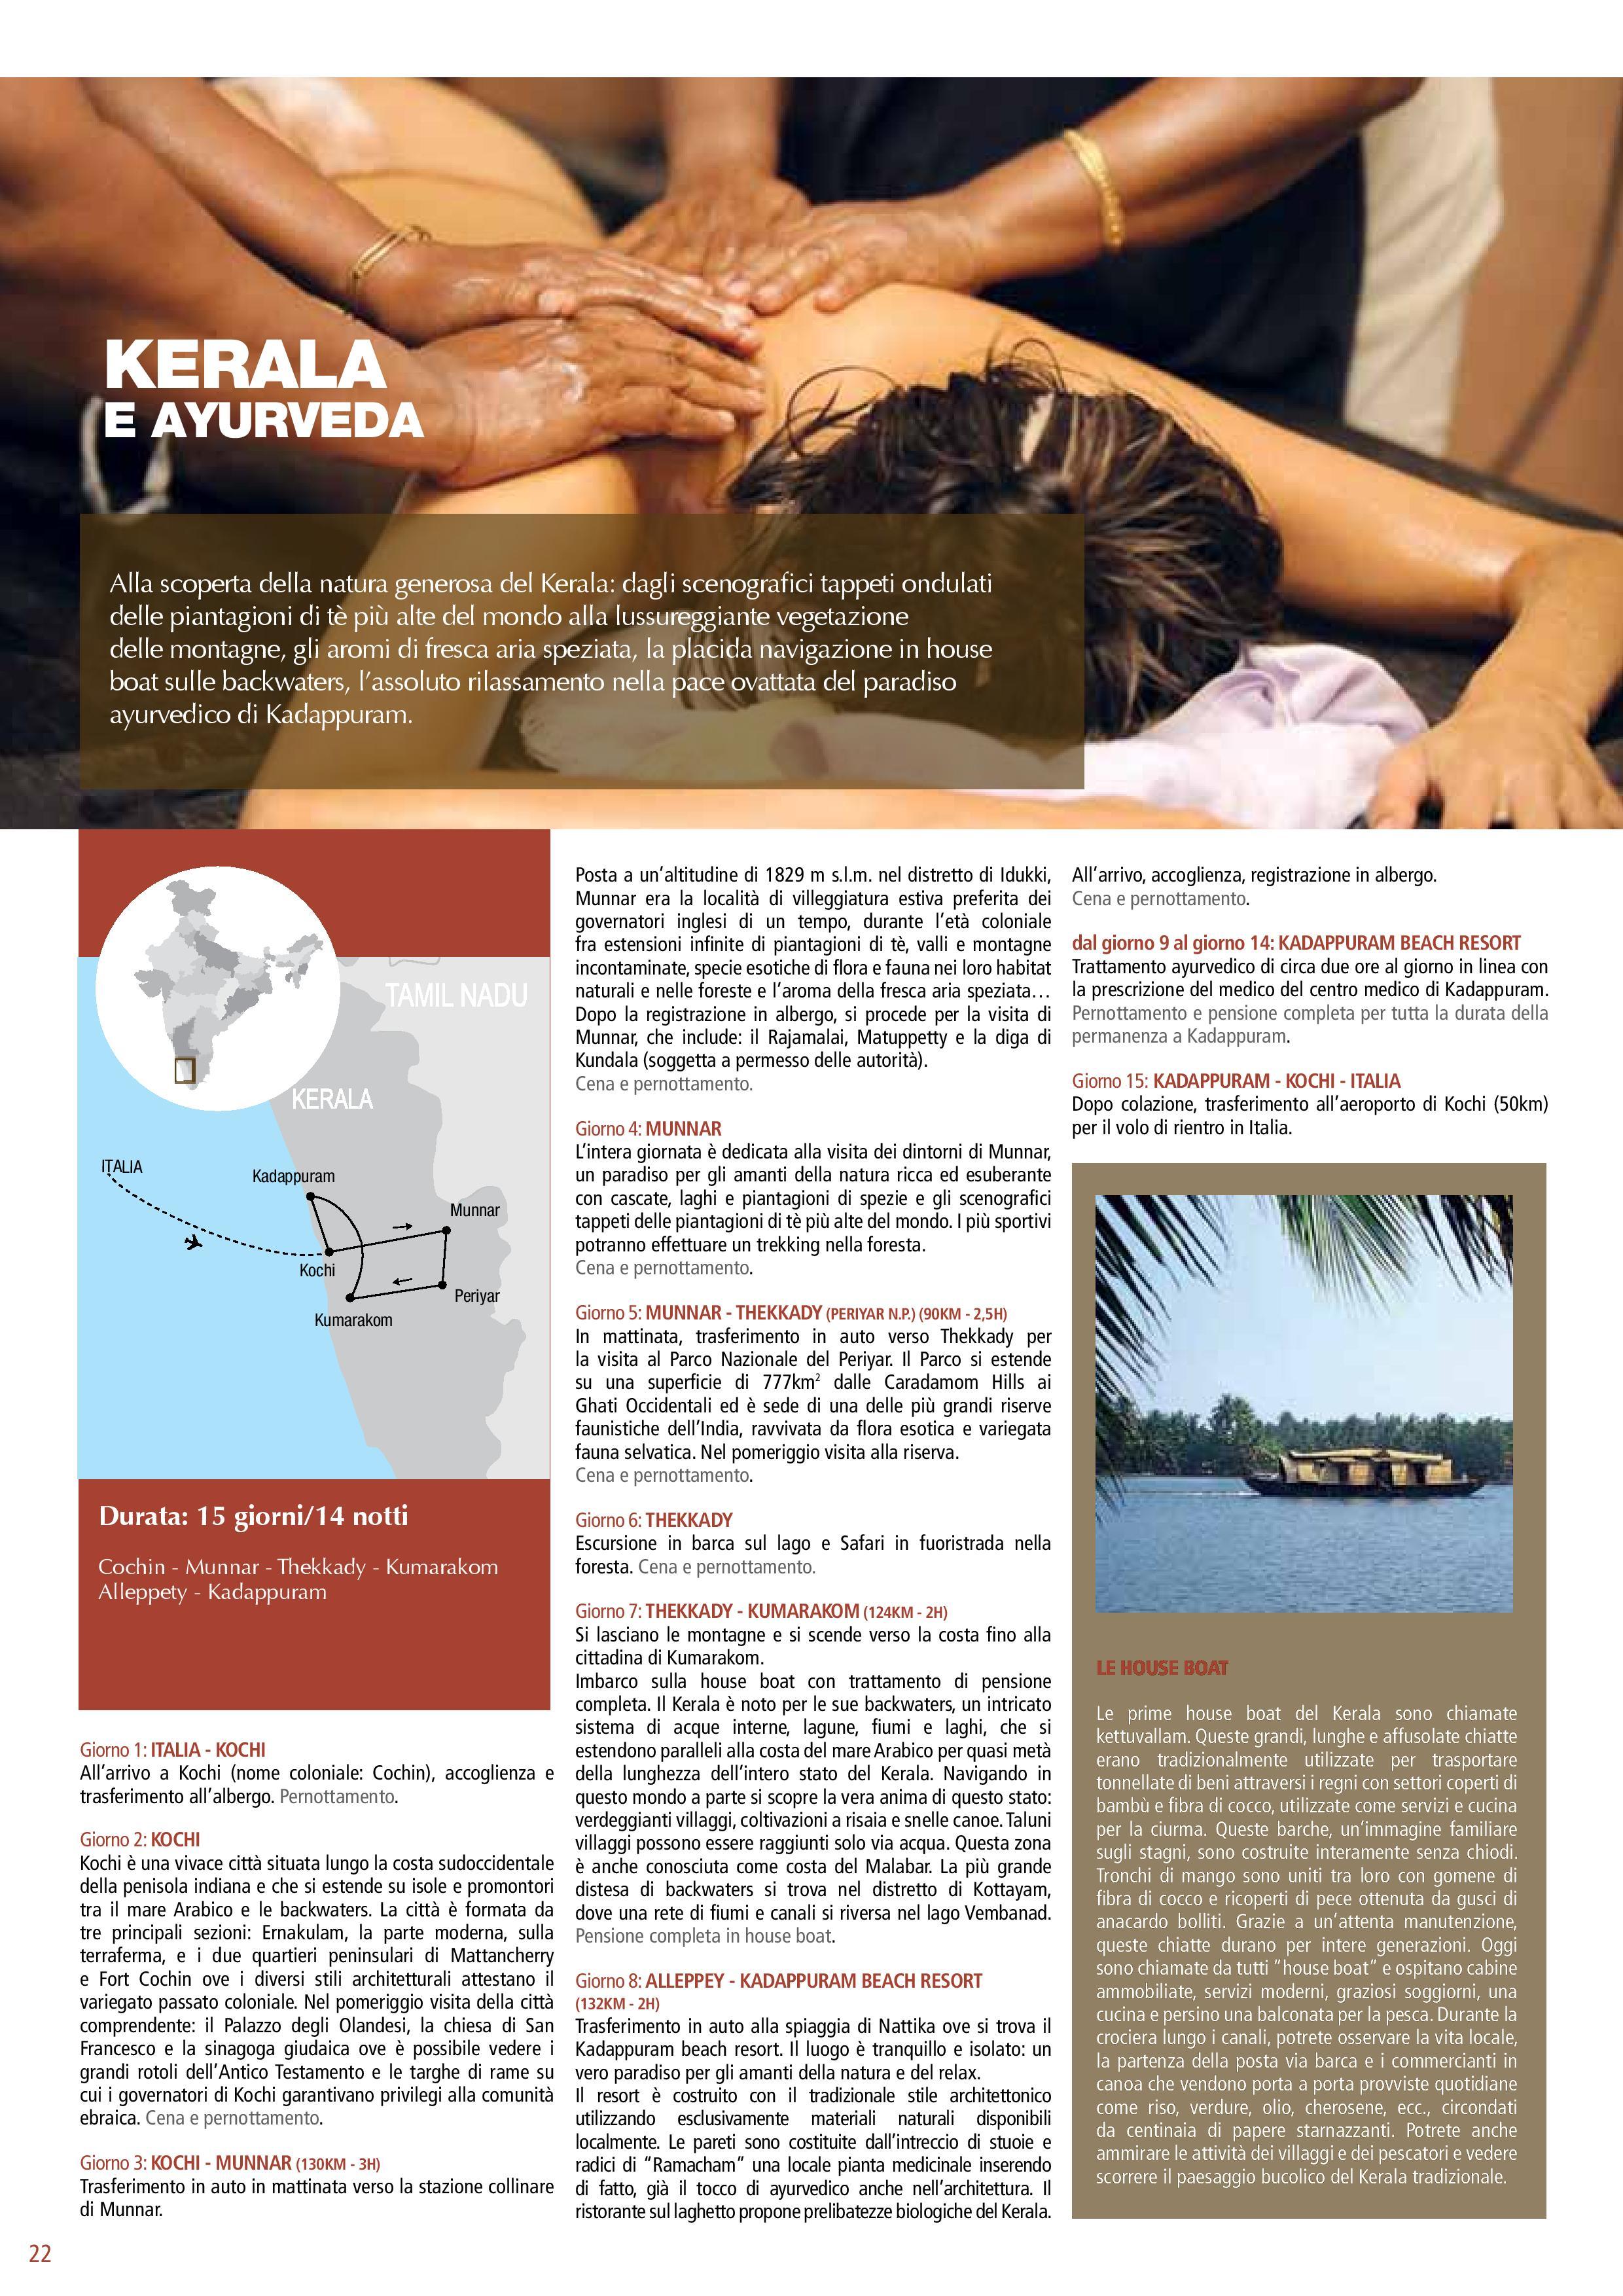 Kerala e Ayurveda Tour programma